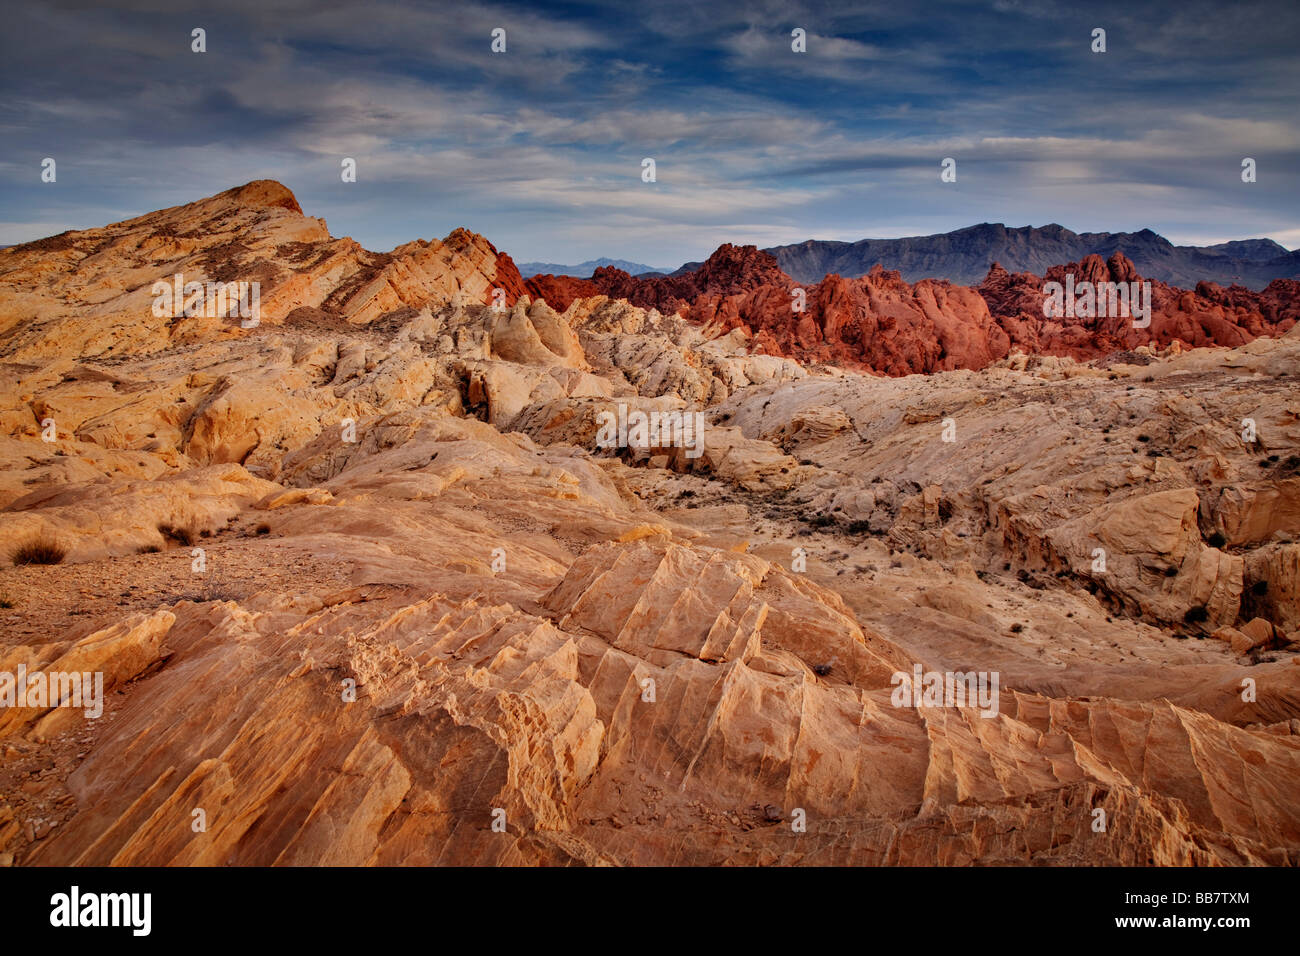 El Valle de Fuego cerca de Las Vegas, en Nevada, EE.UU. Imagen De Stock